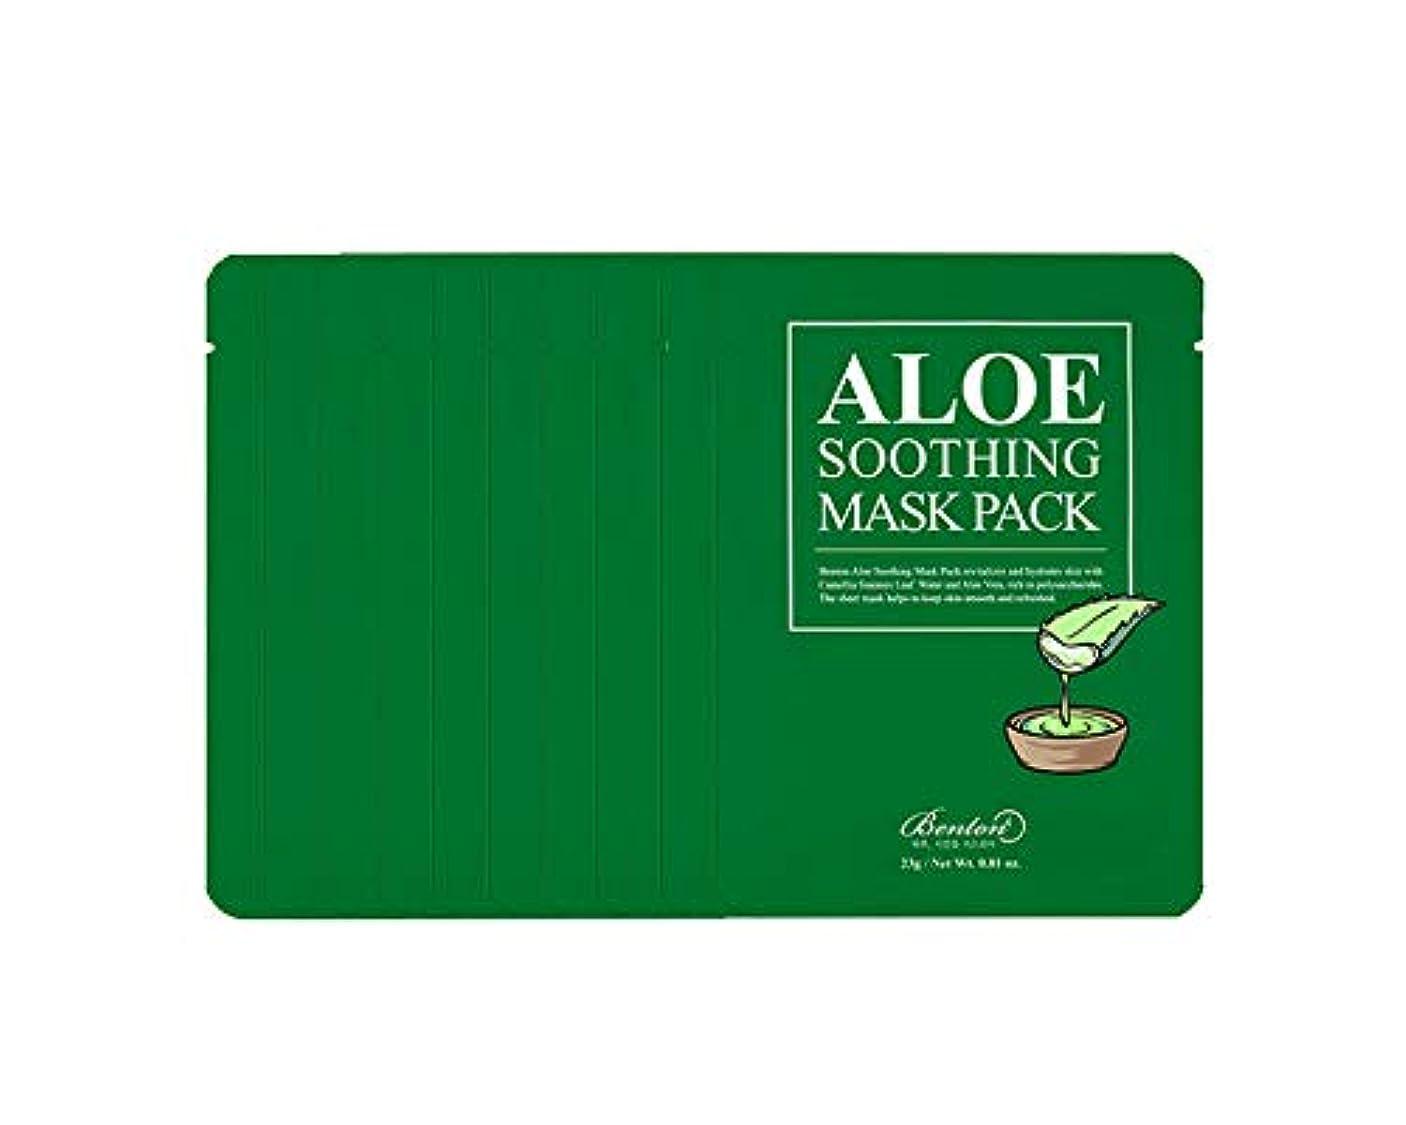 肉屋交通渋滞透ける[ベントン] アロエスージングマスクパック Benton Aloe Soothing Mask Pack 10 Sheets [並行輸入品]